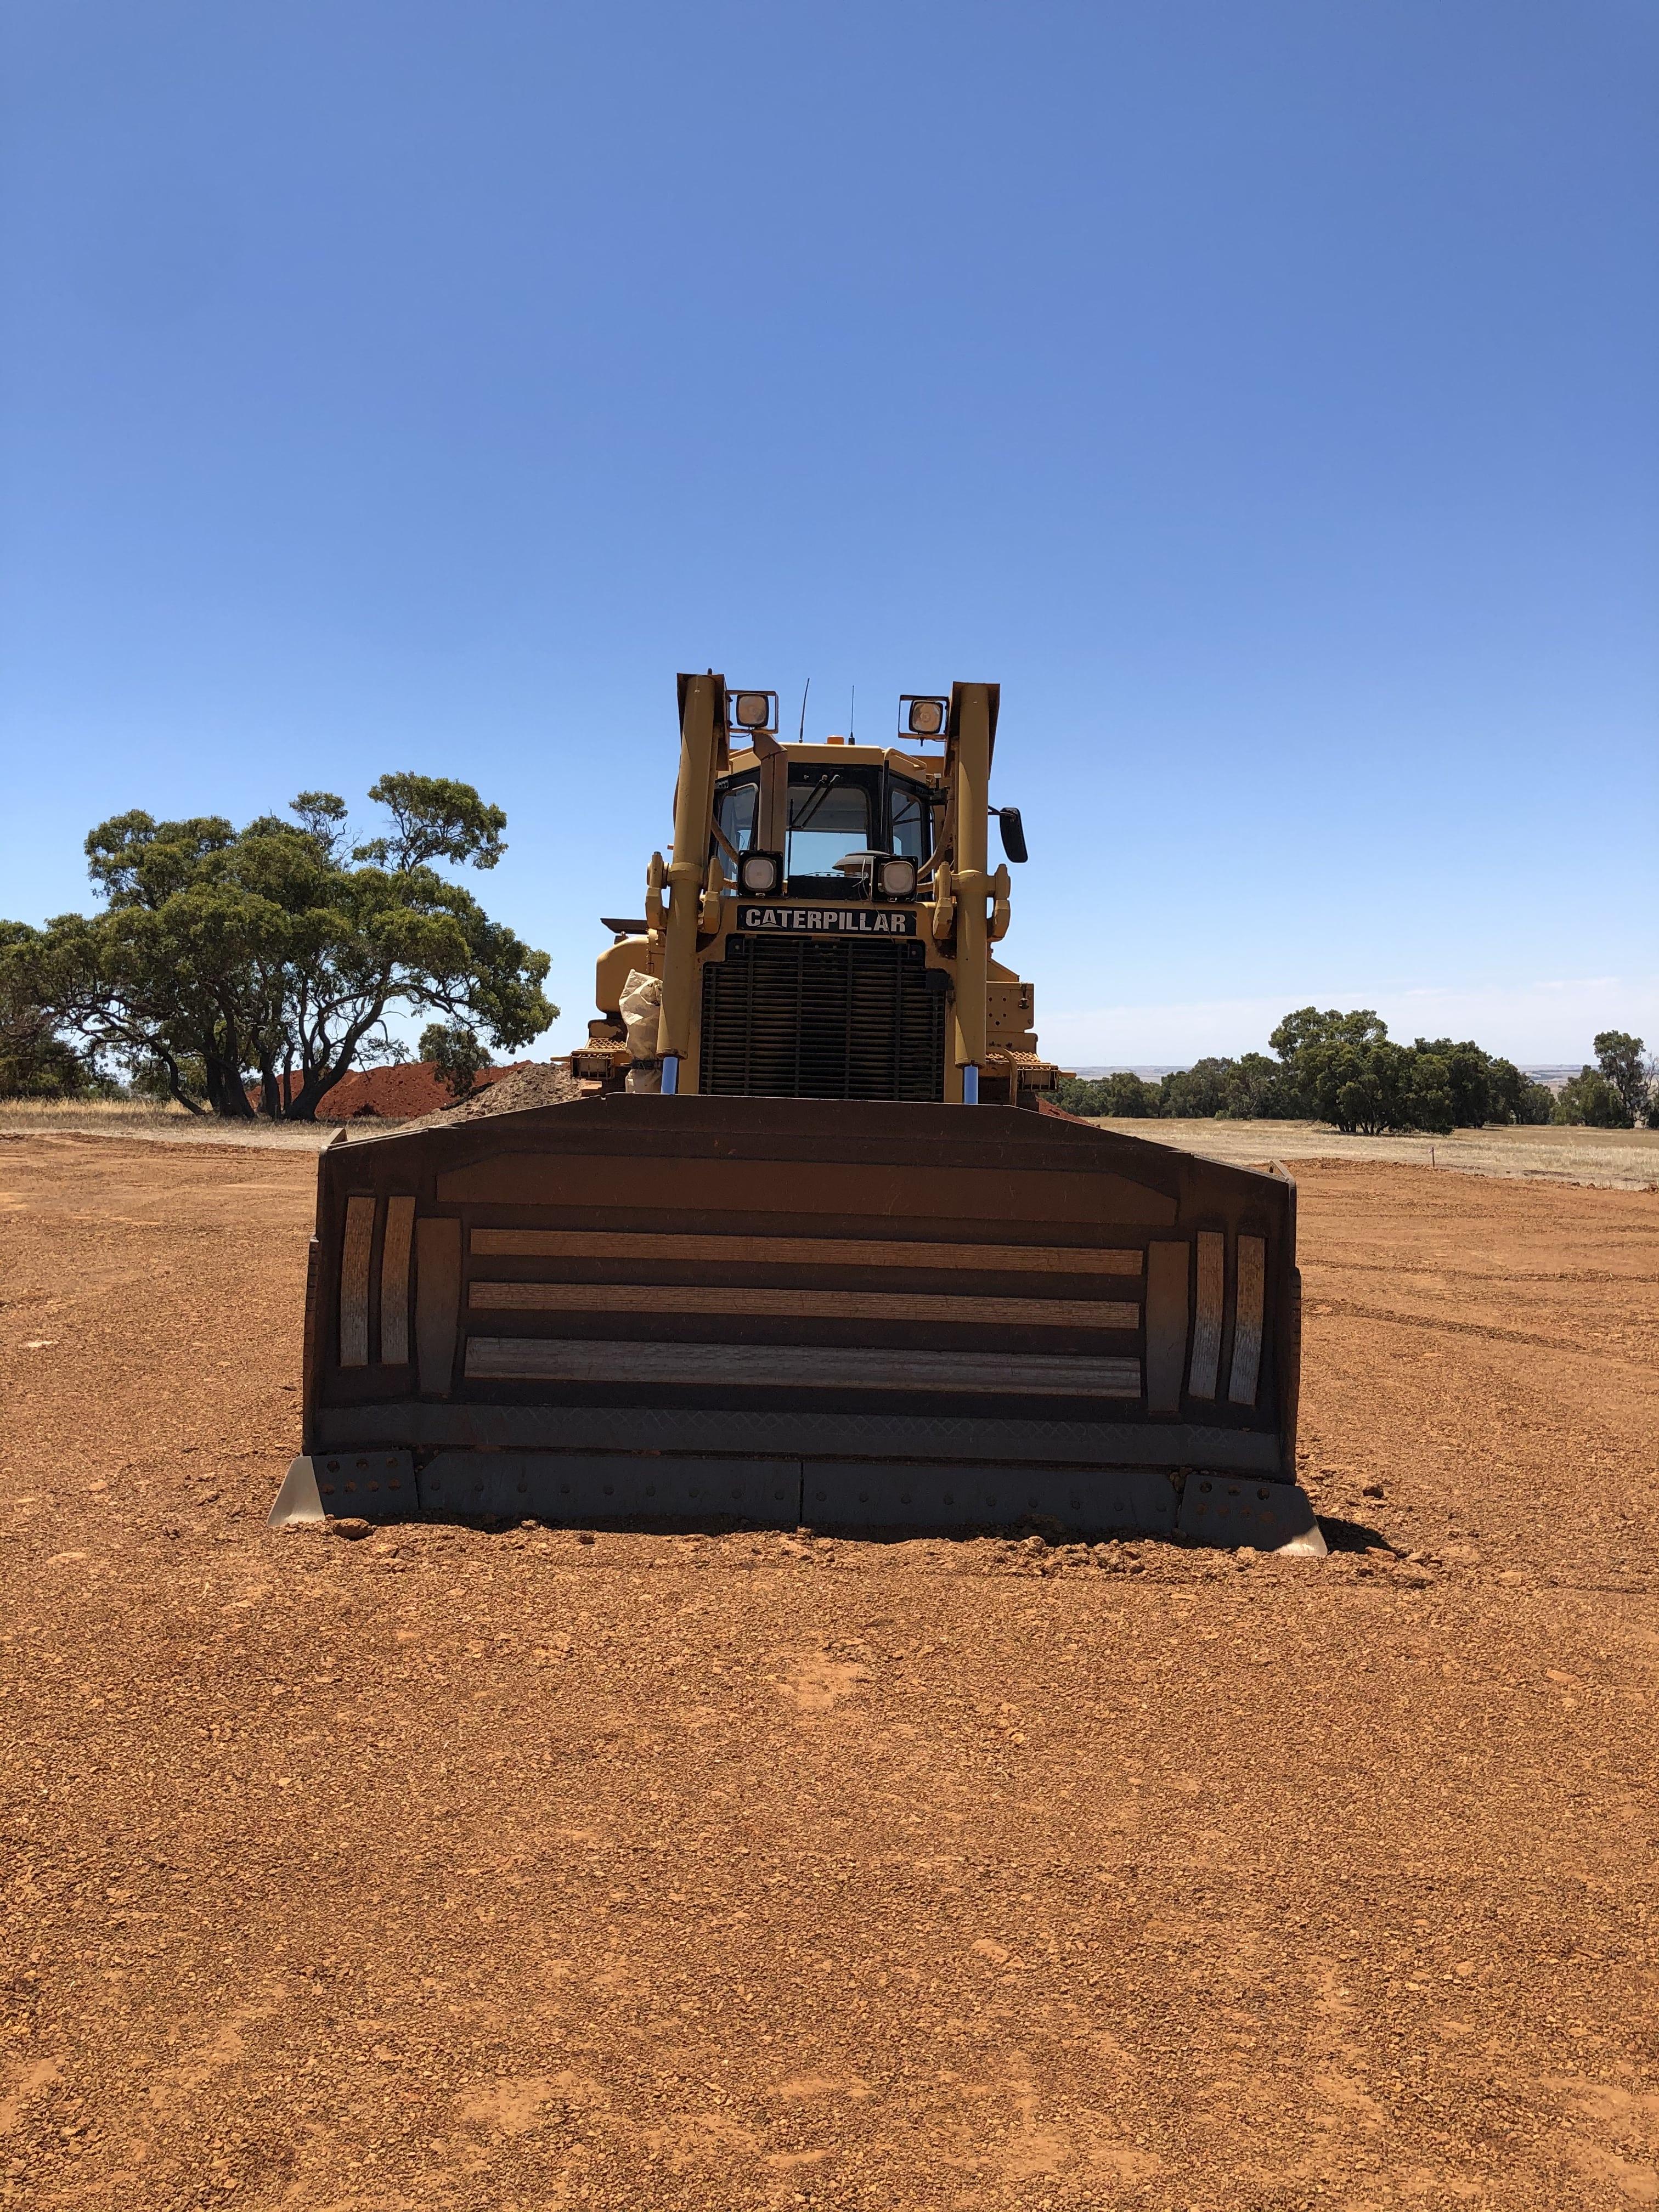 vernice-D7-dozer-hire-perth-western-australia